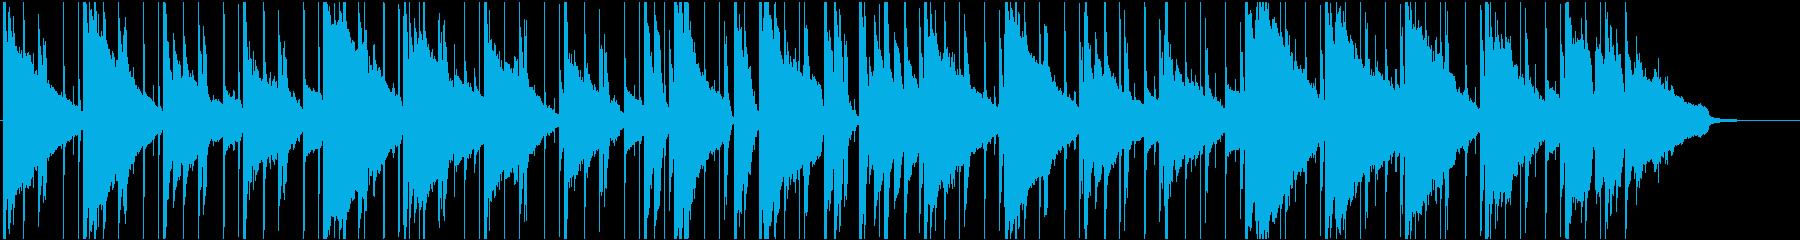 落ち着いたシンプルなギター曲の再生済みの波形